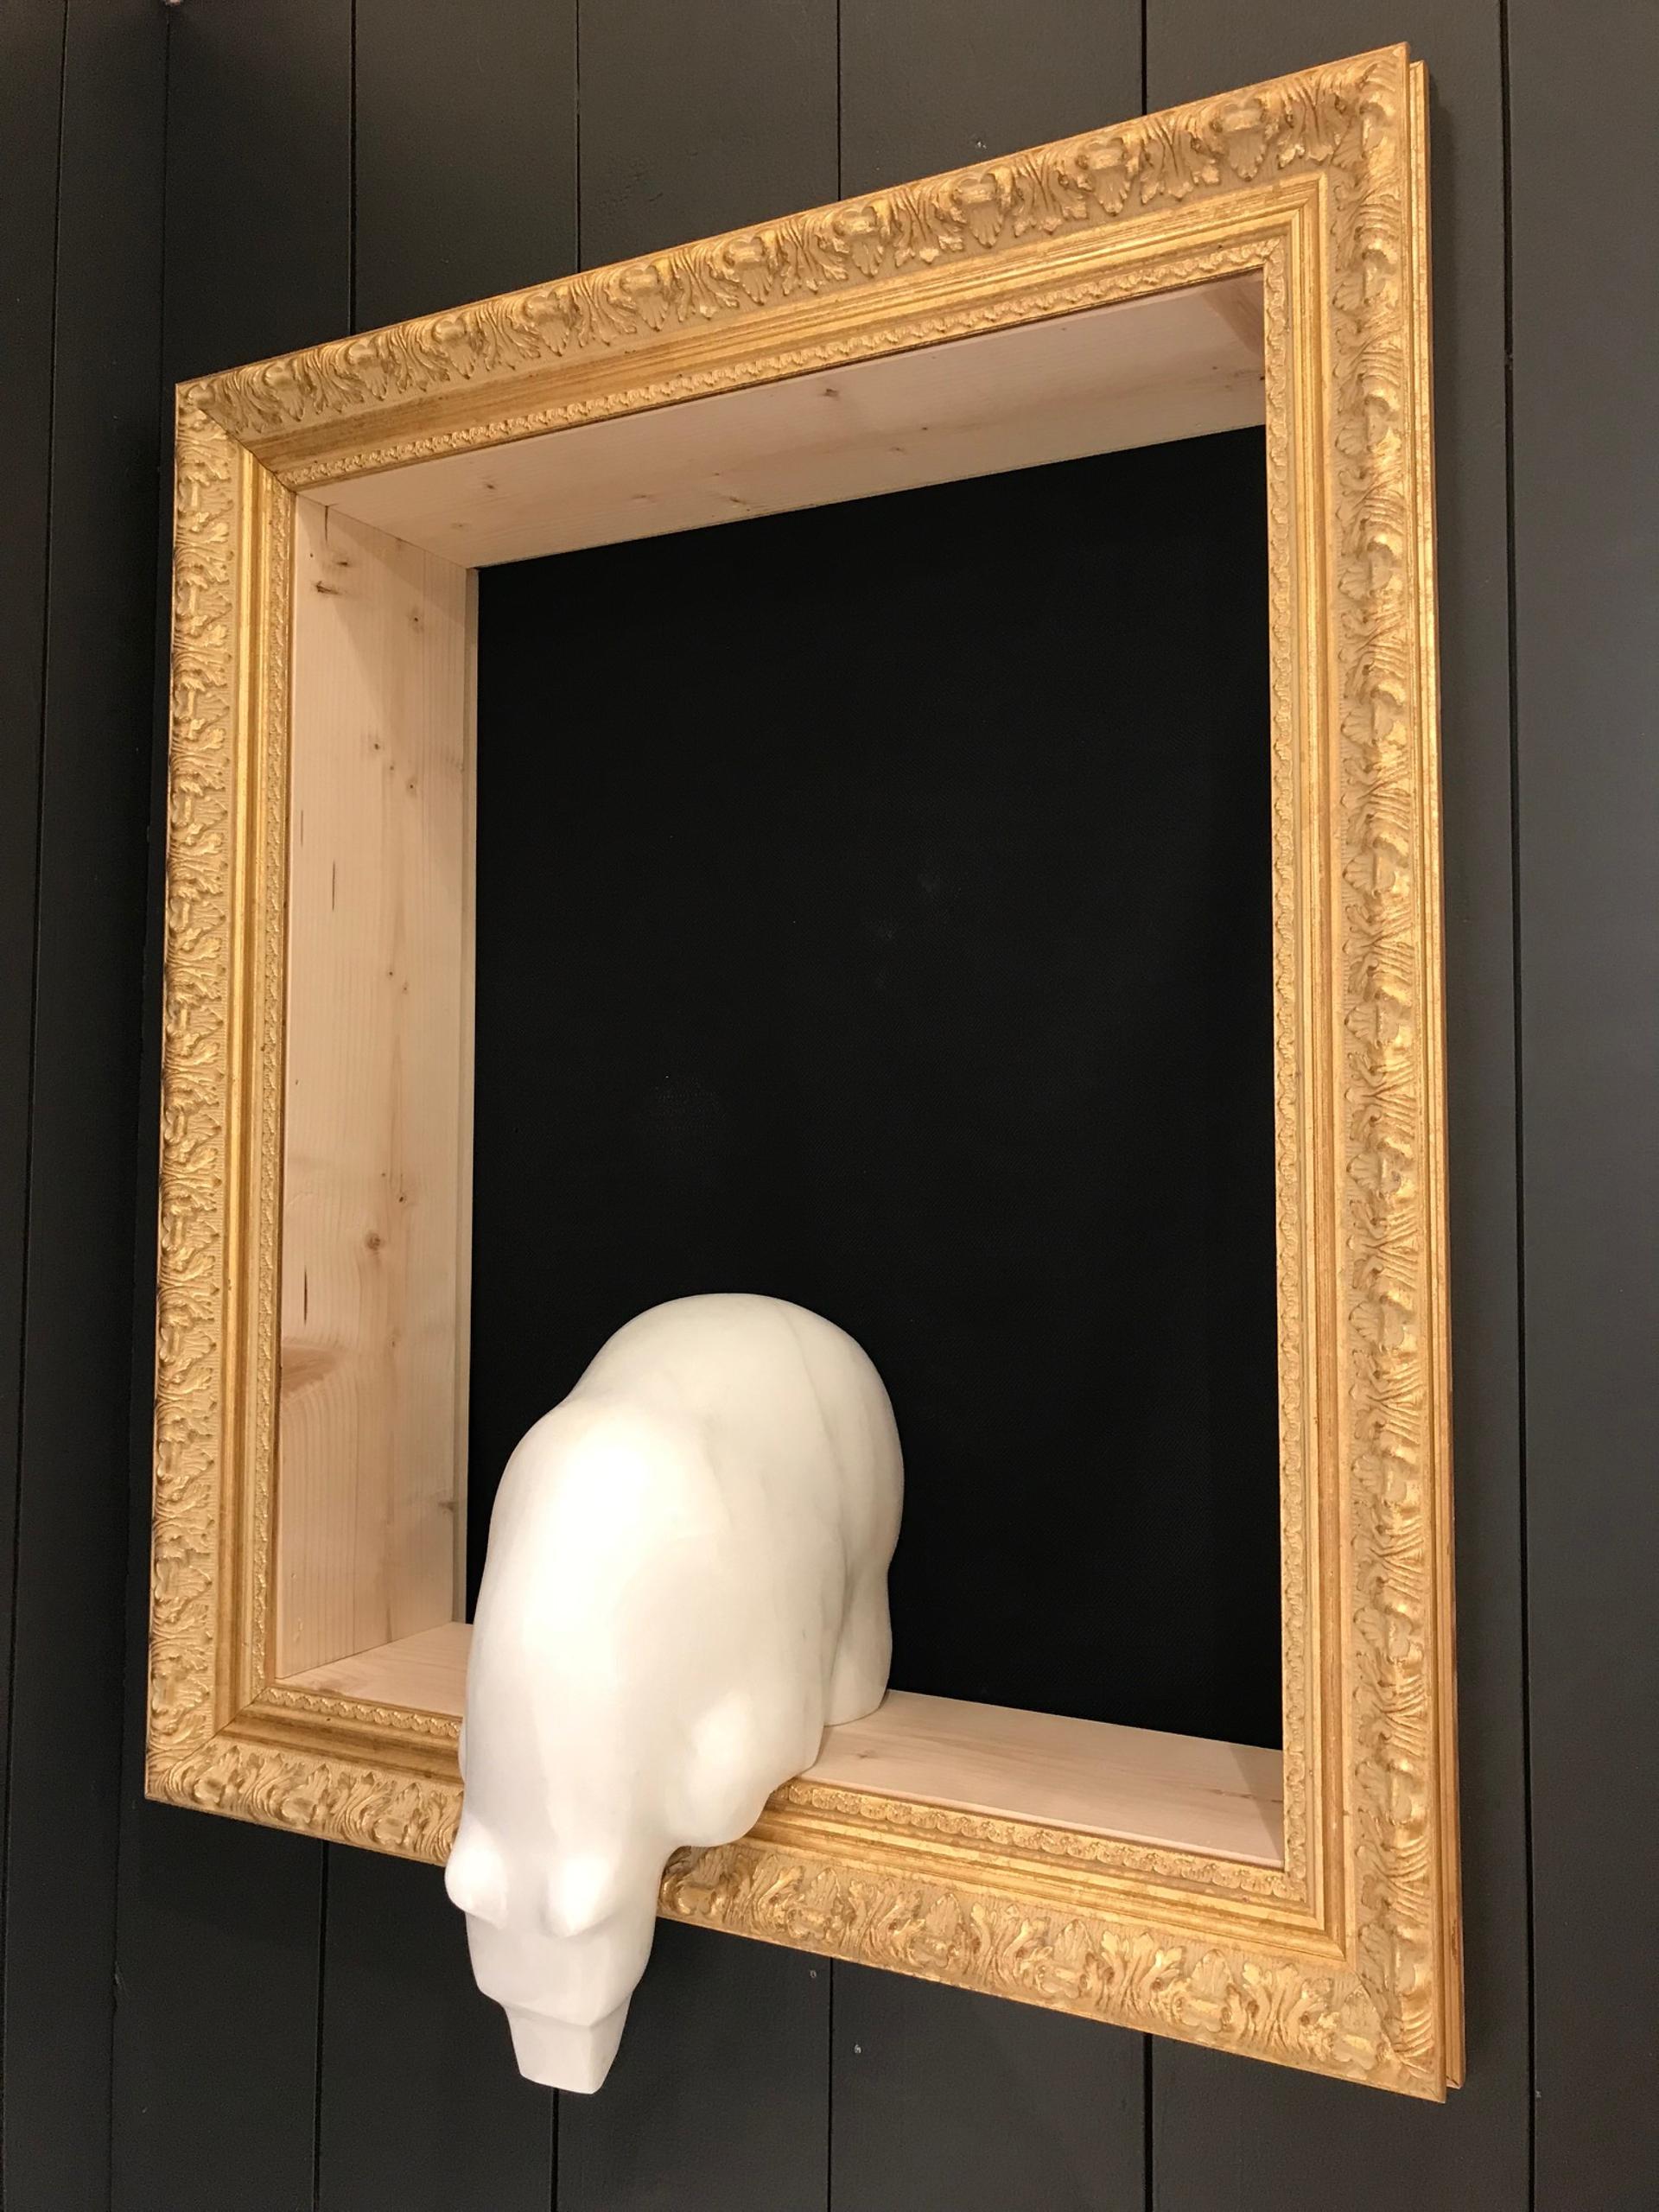 Curious Bear 96 - Yule by Gert Olsen